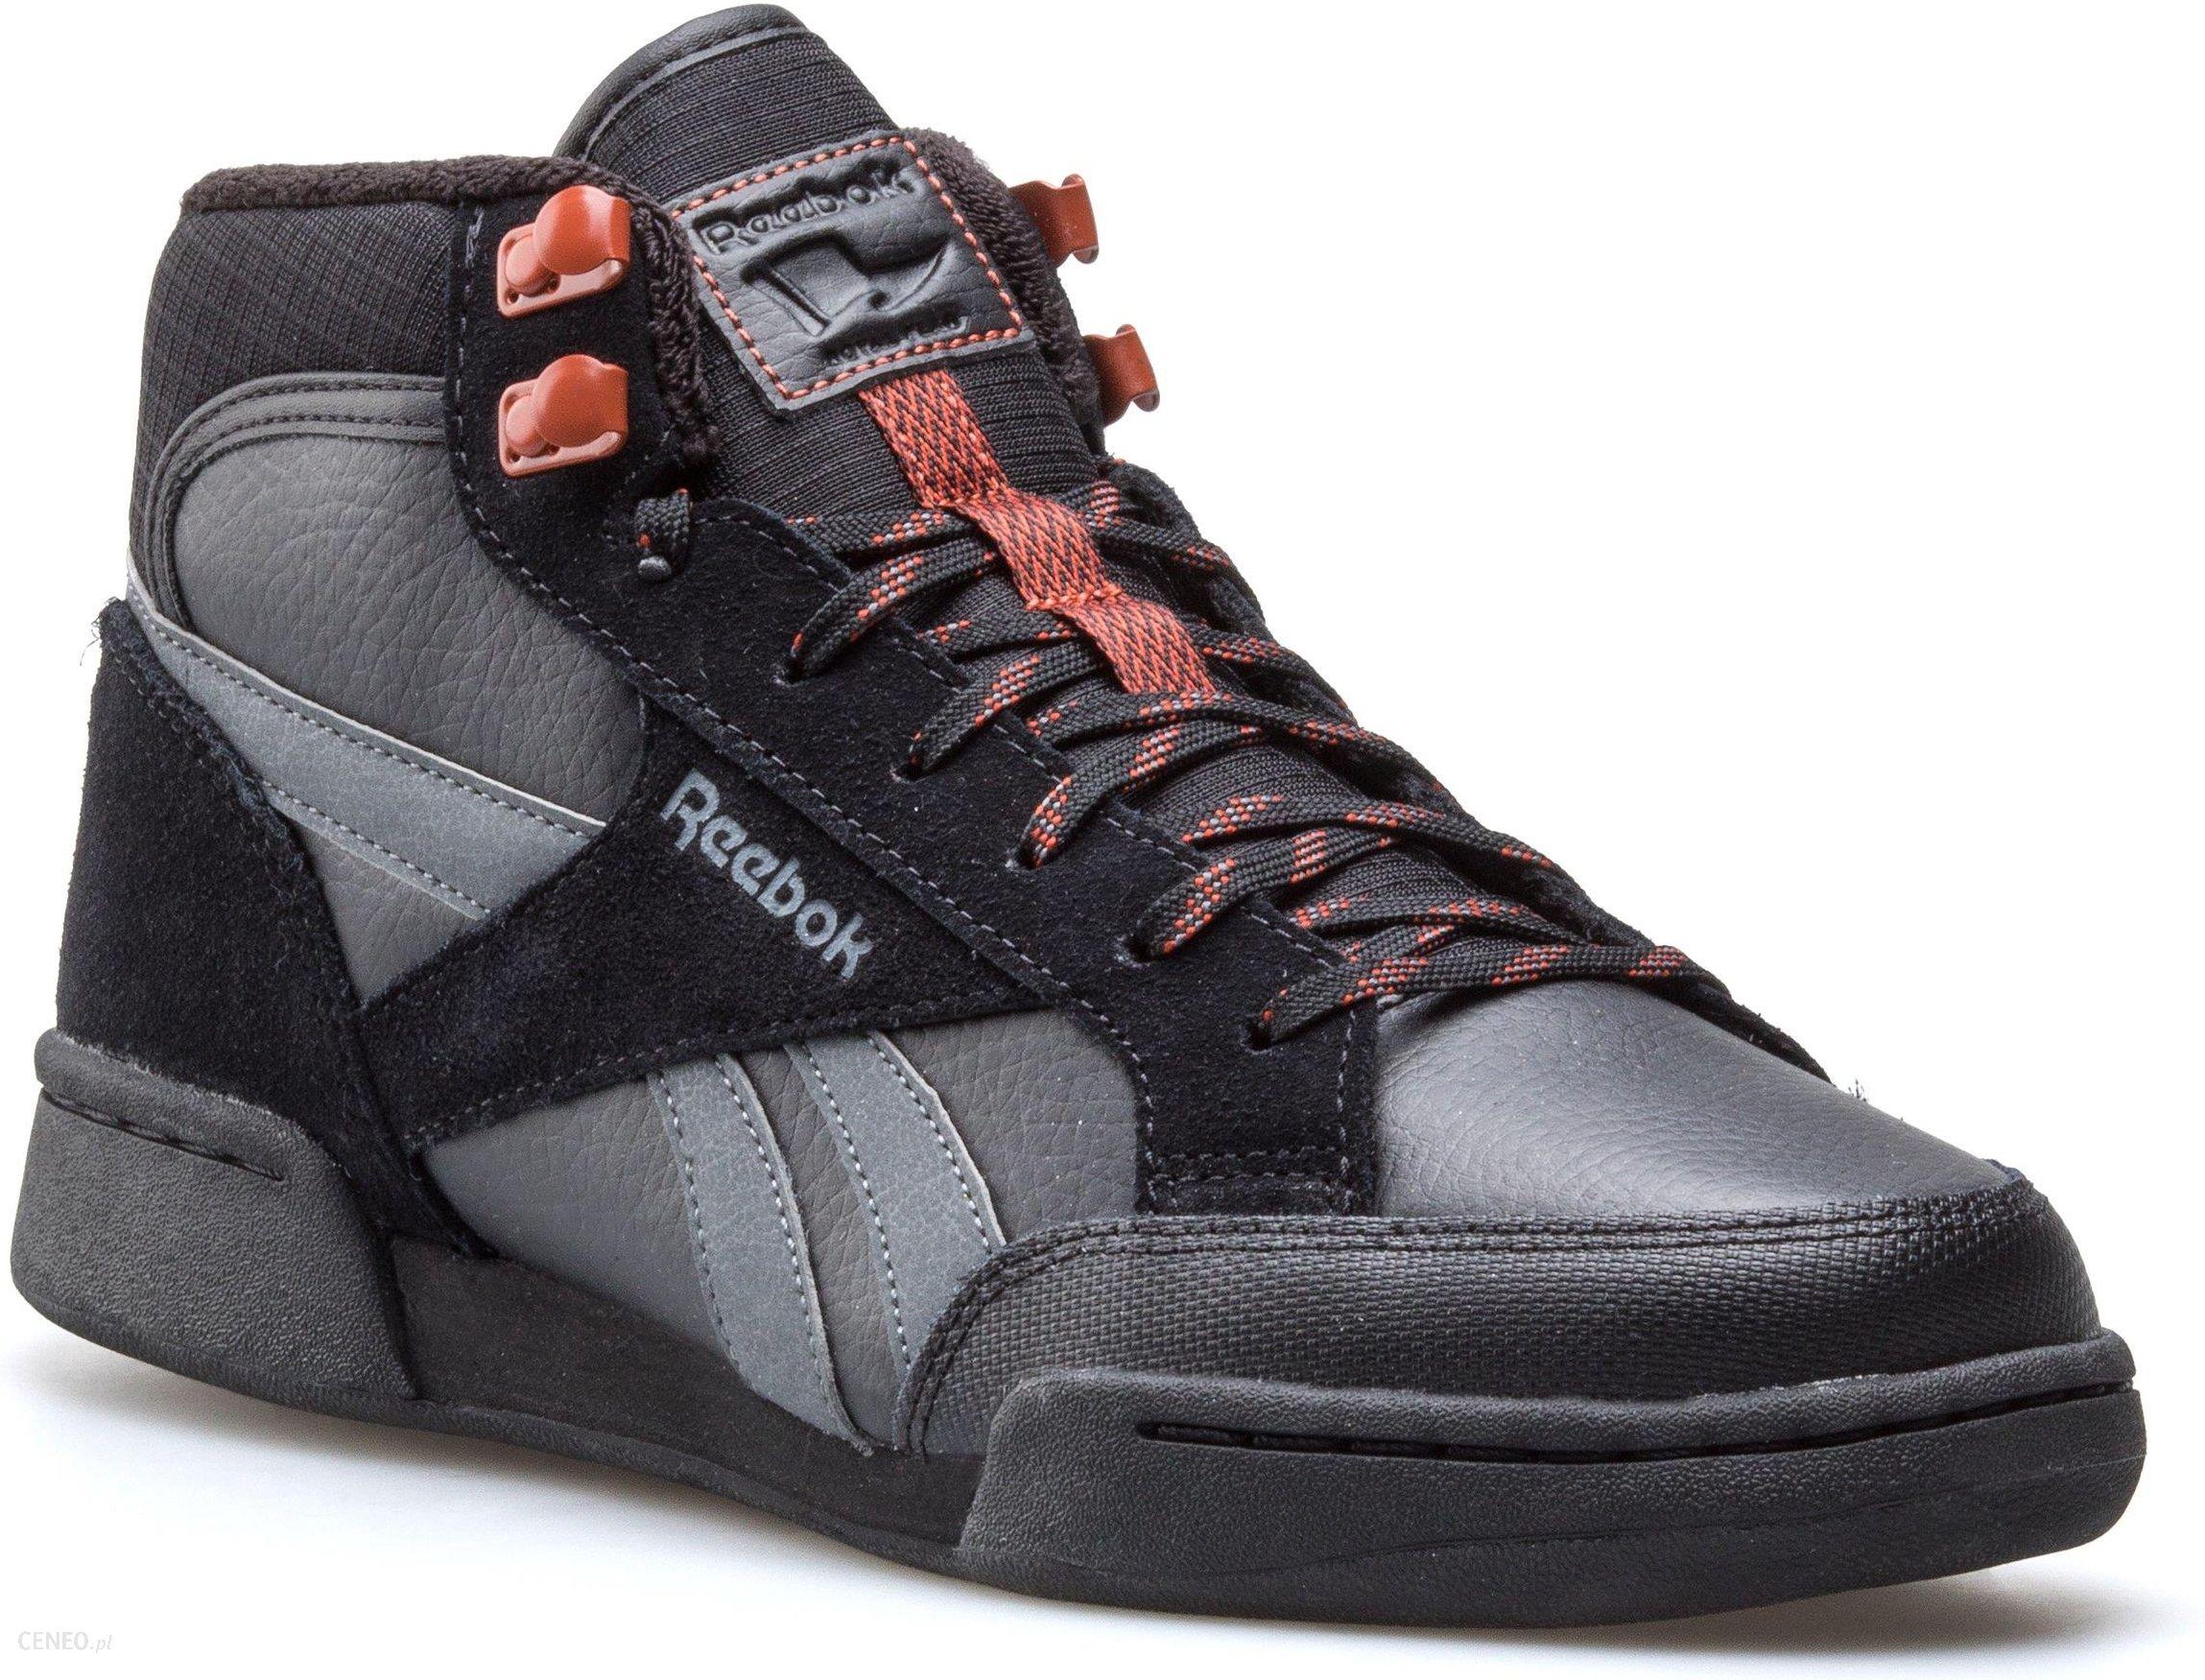 Buty Męskie Reebok Classic Leather Jogger Gry 40,5 Ceny i opinie Ceneo.pl